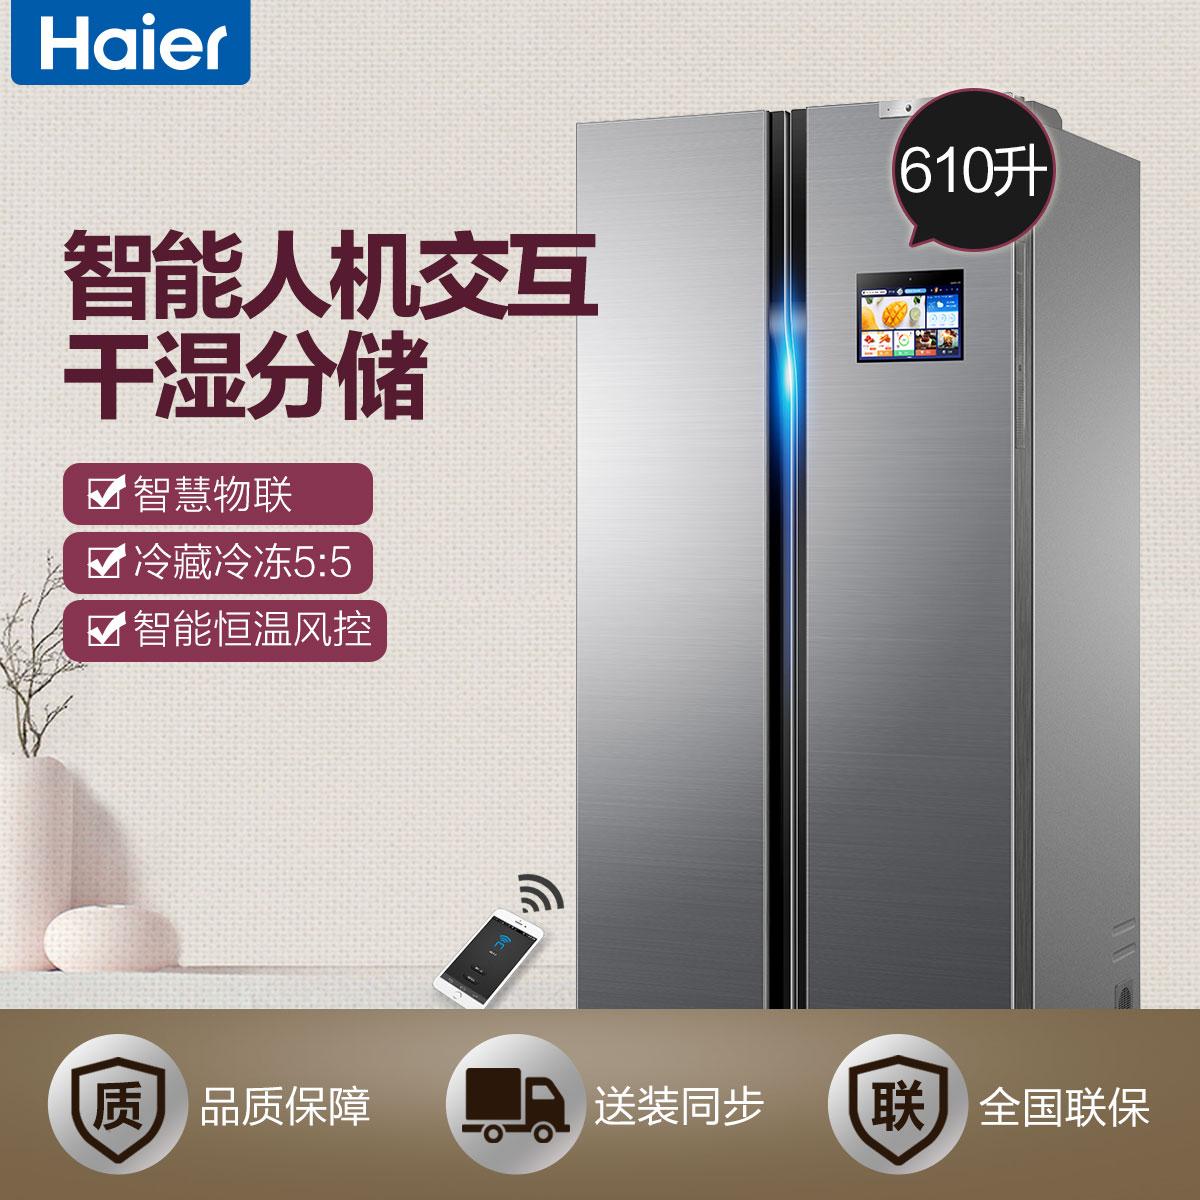 Haier/海尔 冰箱 BCD-610WDIEU1